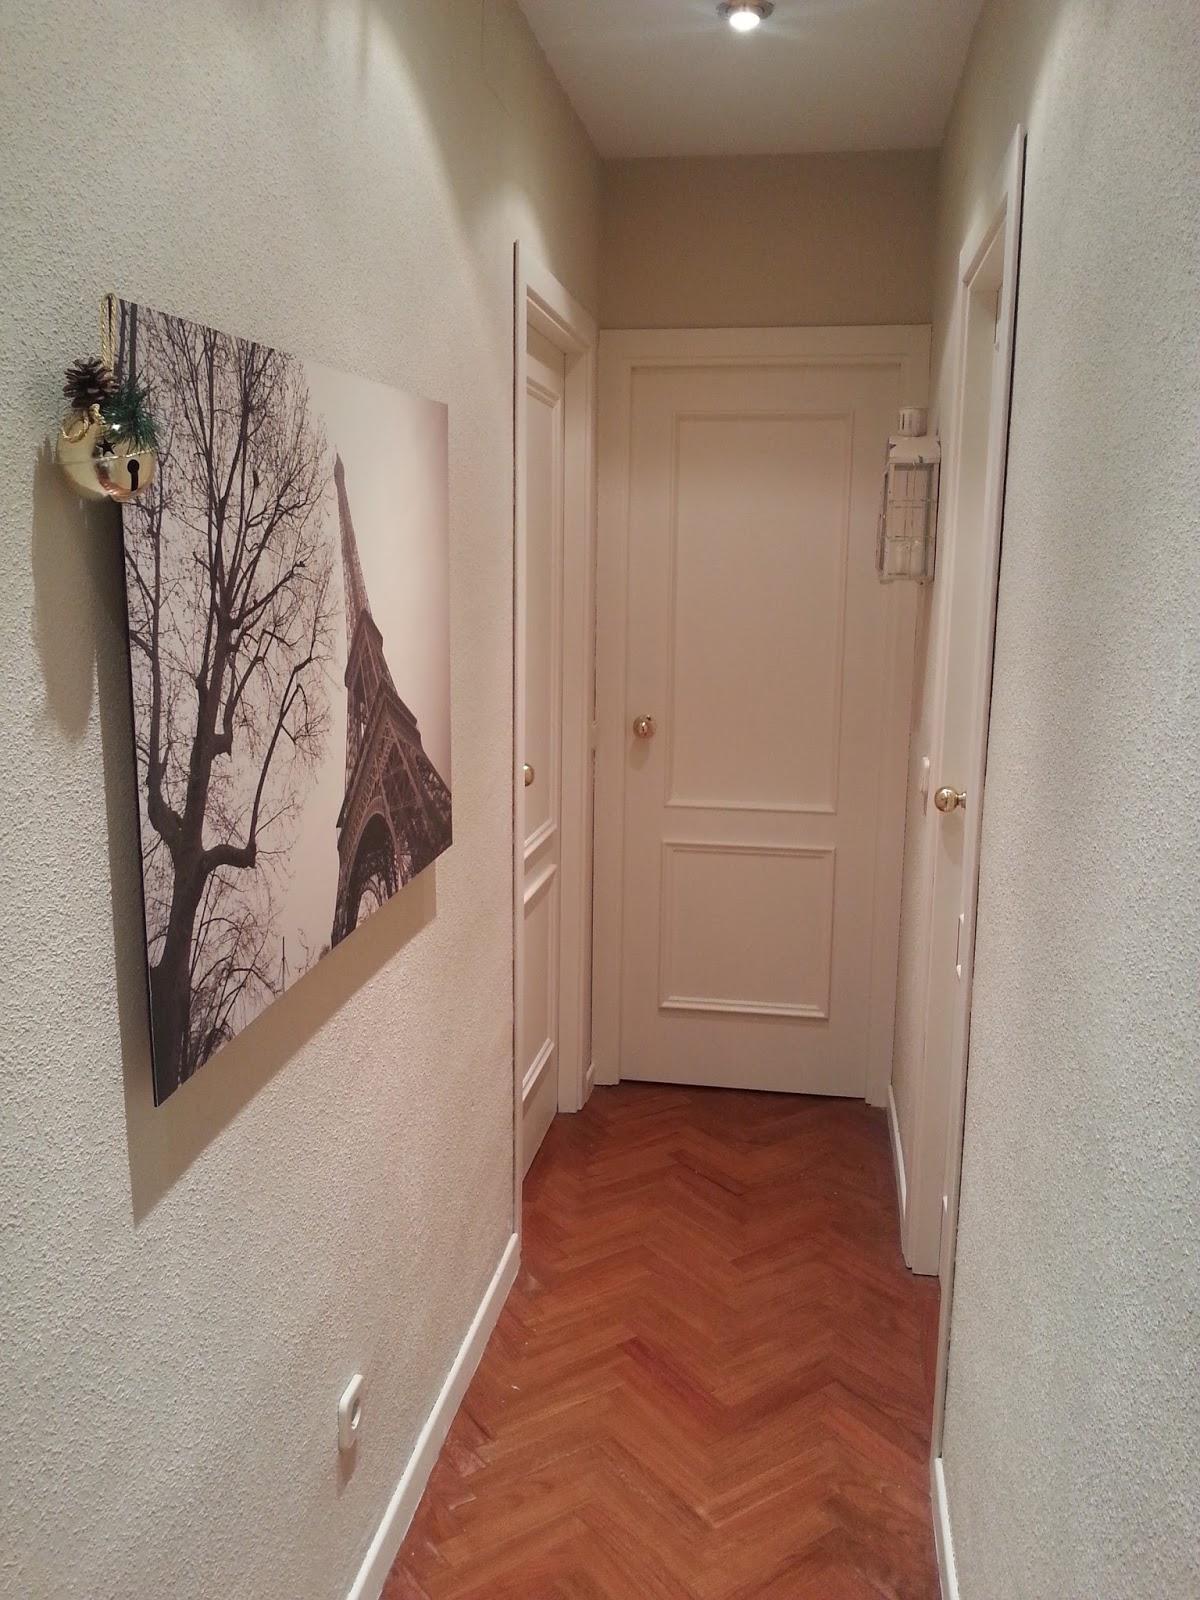 So ando entre nubes c mo pintar madera sin lijar - Cambiar suelo cocina sin quitar muebles ...